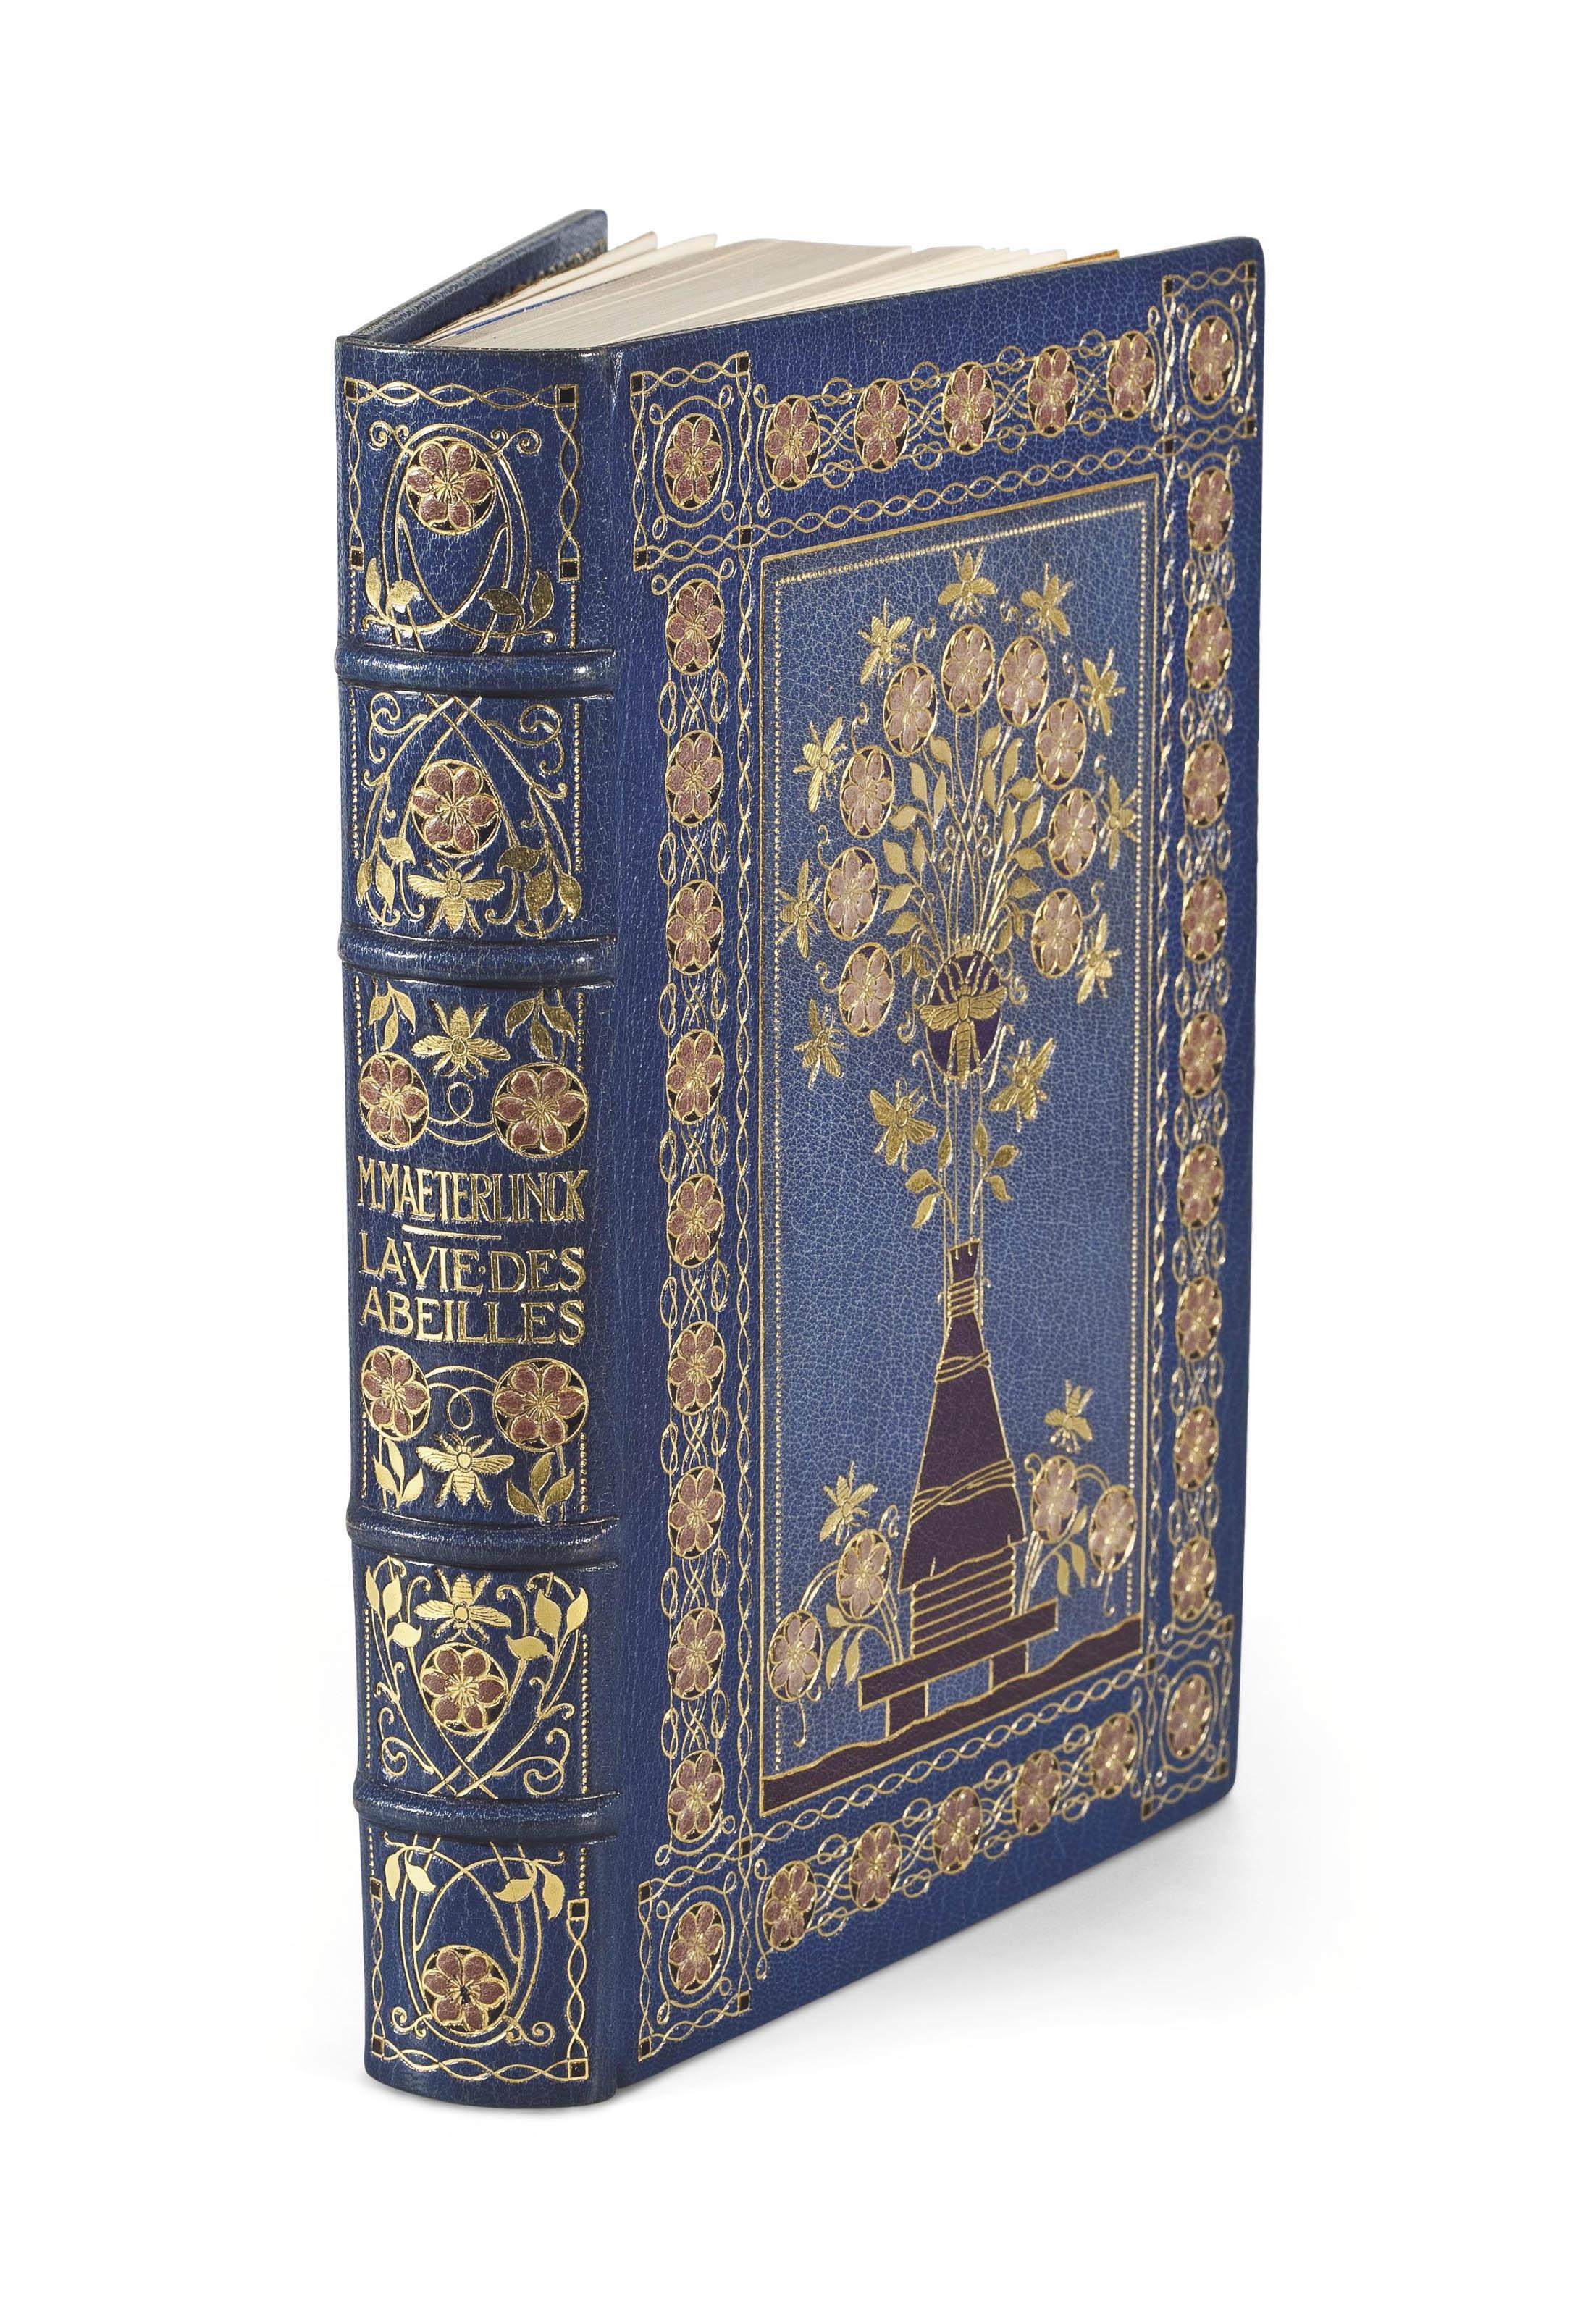 [GIRALDON] -- MAETERLINCK, Maurice (1862-1949). La Vie des abeilles. Paris: Librairie des amateurs, Ferroud, 1914-1918.